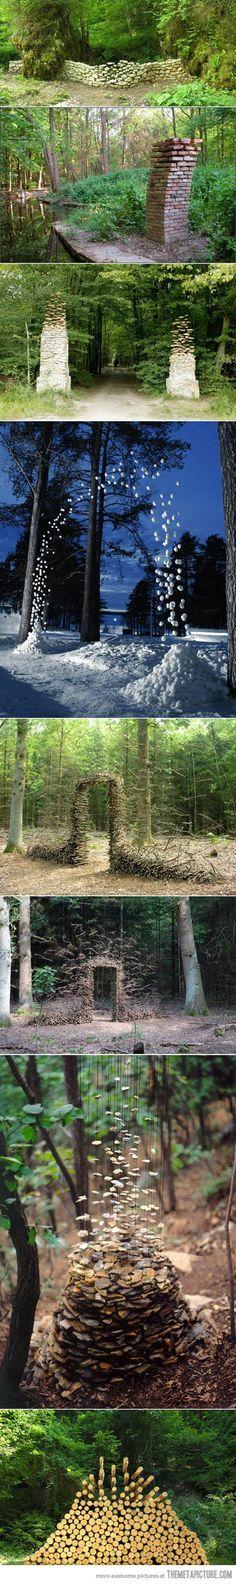 Gravity-defying sculptures…